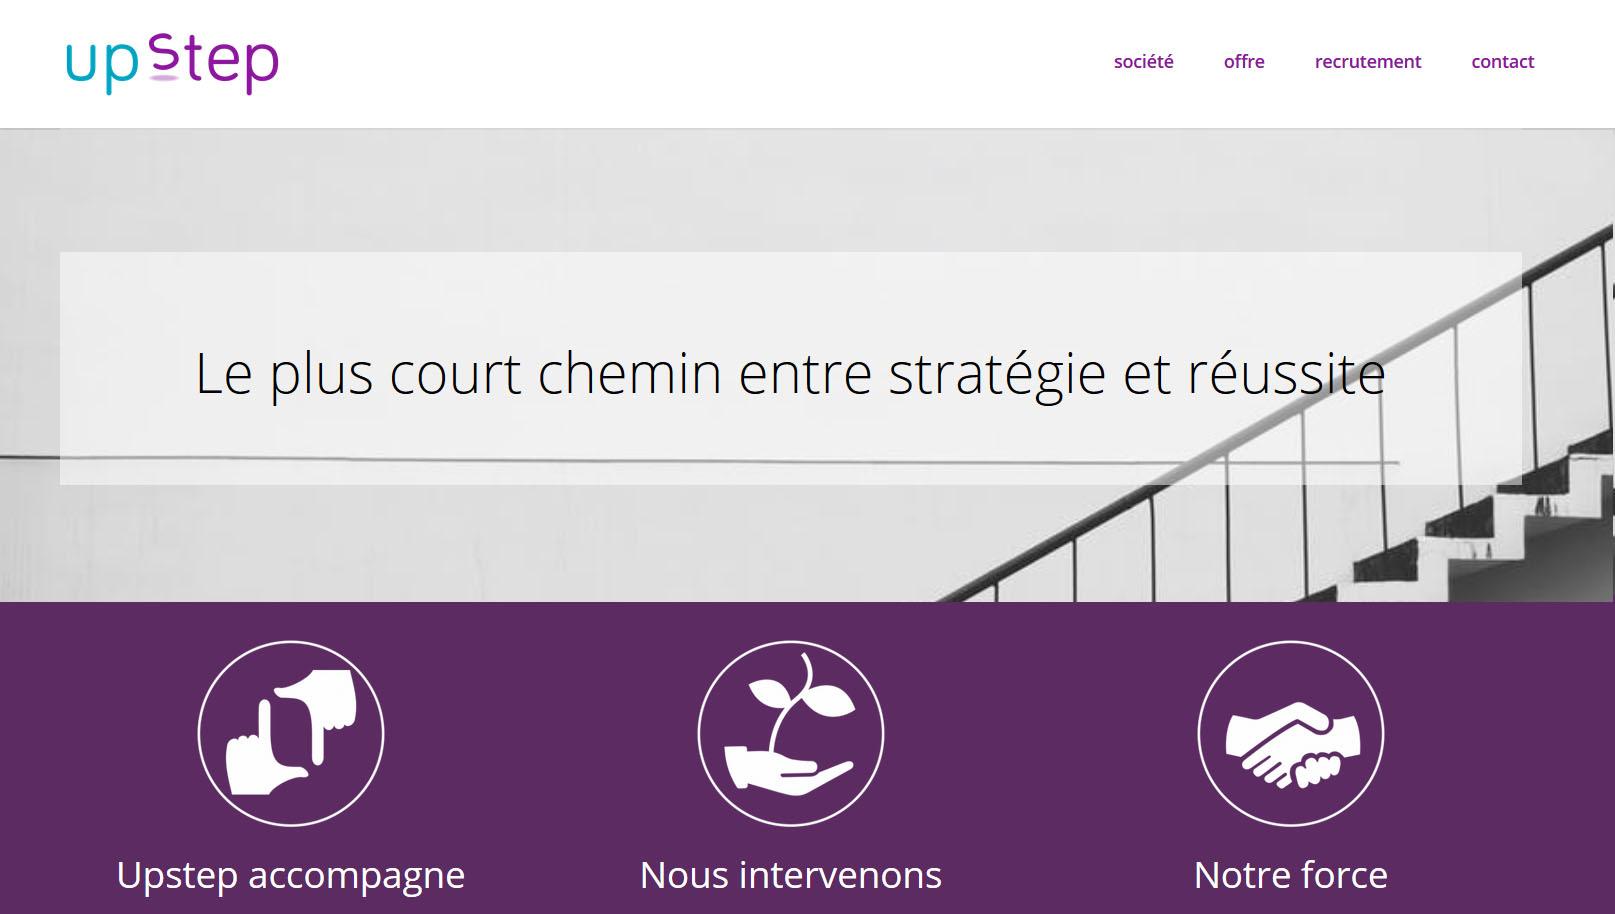 http://upstep.fr/ Le plus court chemin entre stratégie et réussite marketing & management